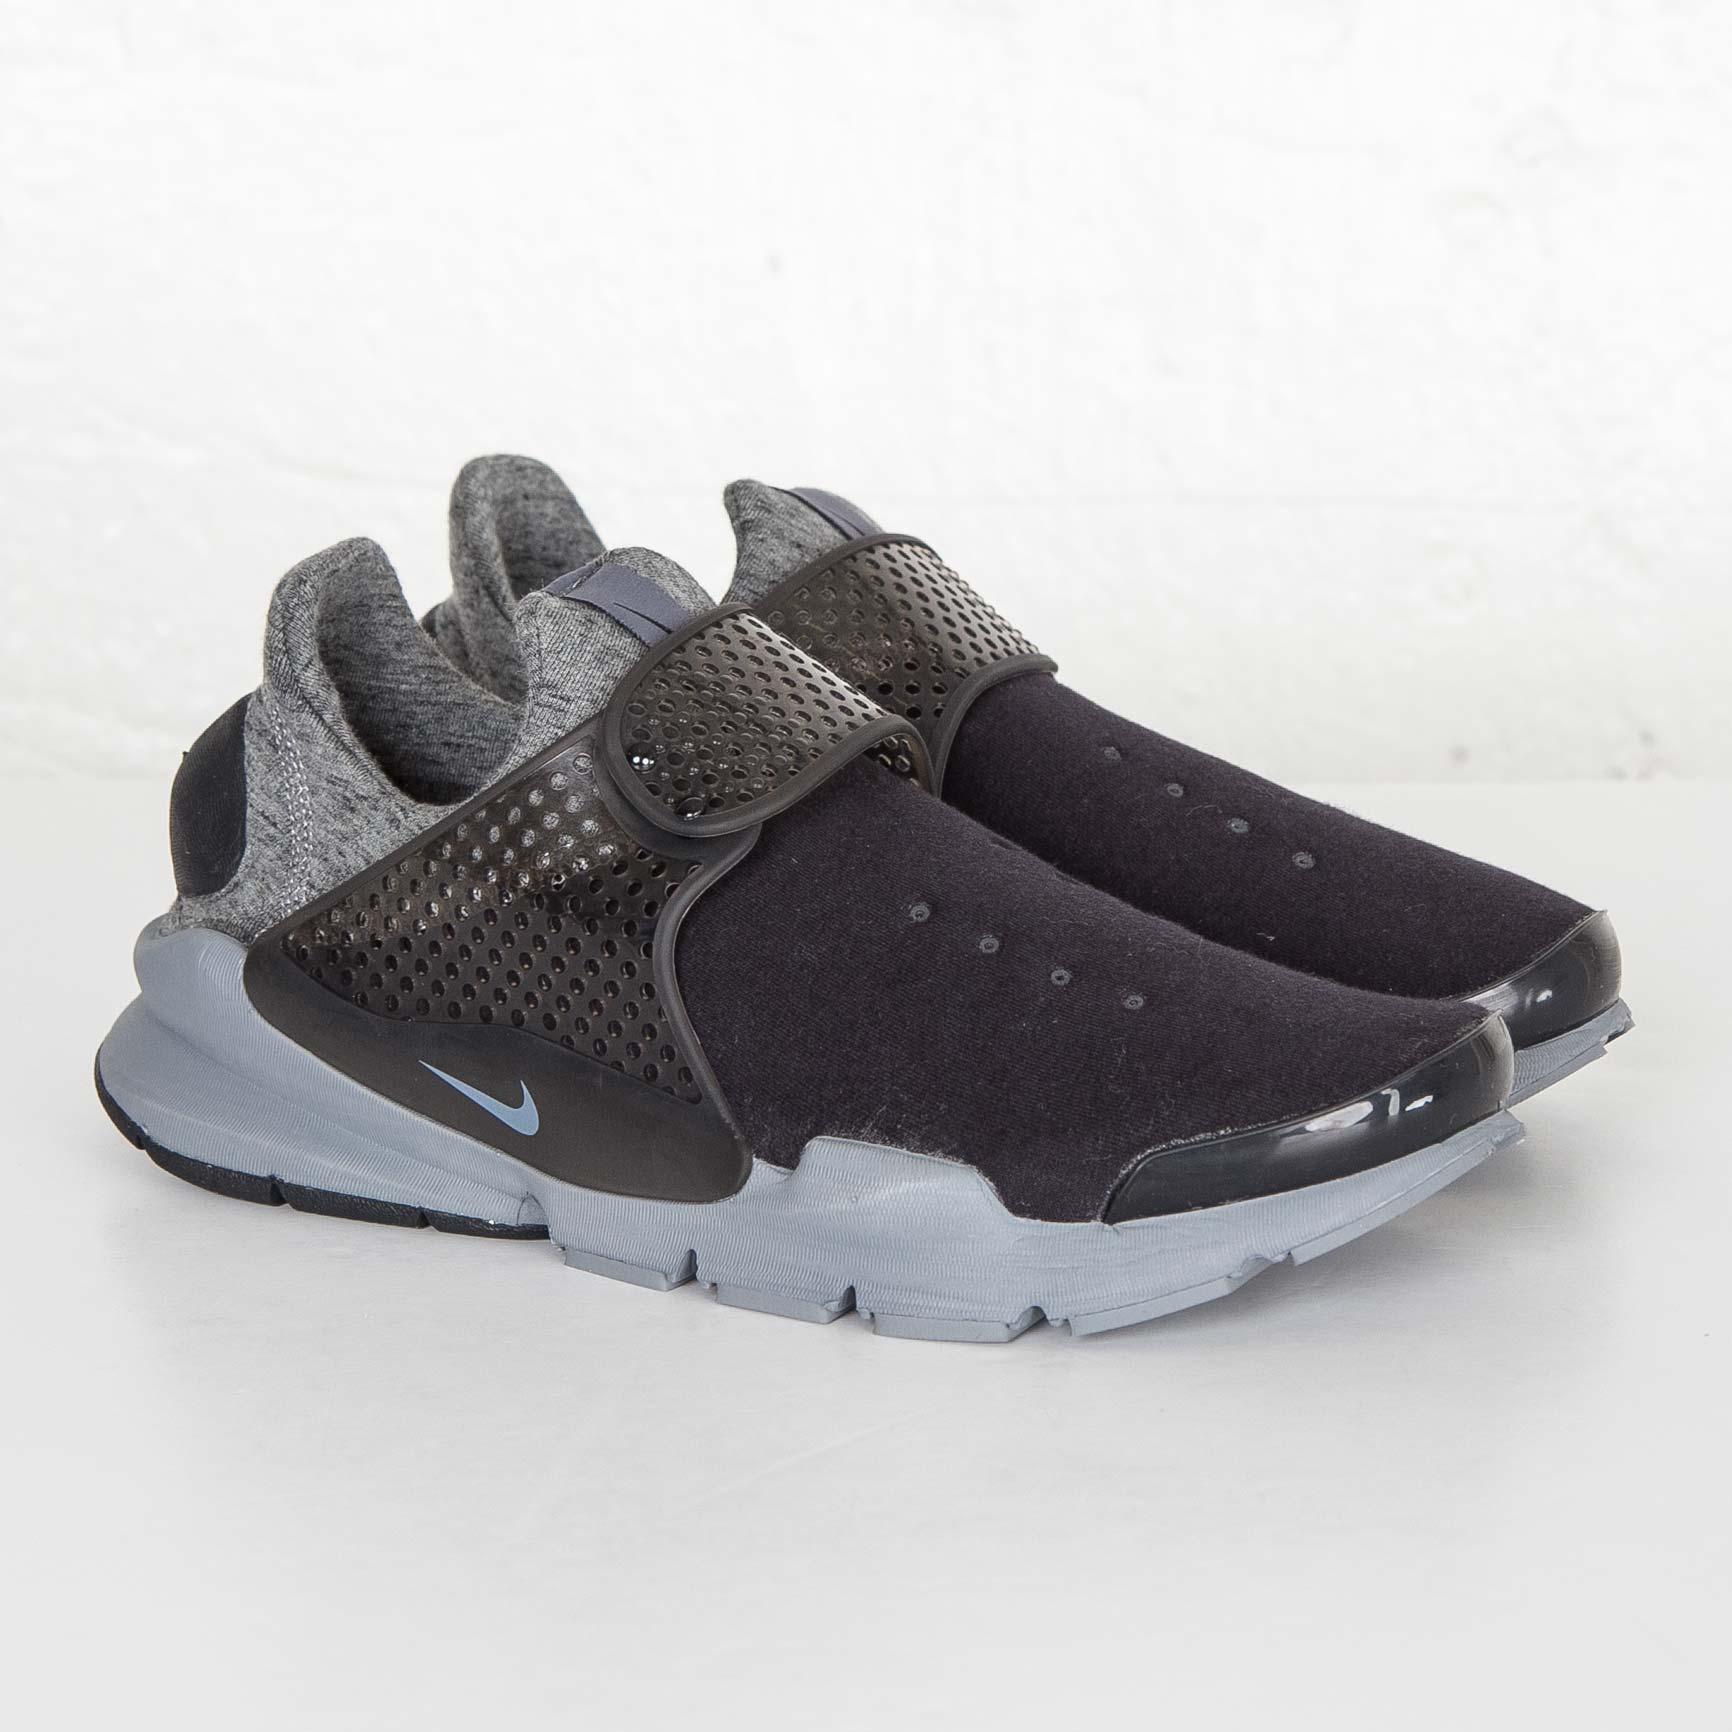 18e4571998d64 Nike Sock Dart Tech Fleece - 834669-001 - Sneakersnstuff